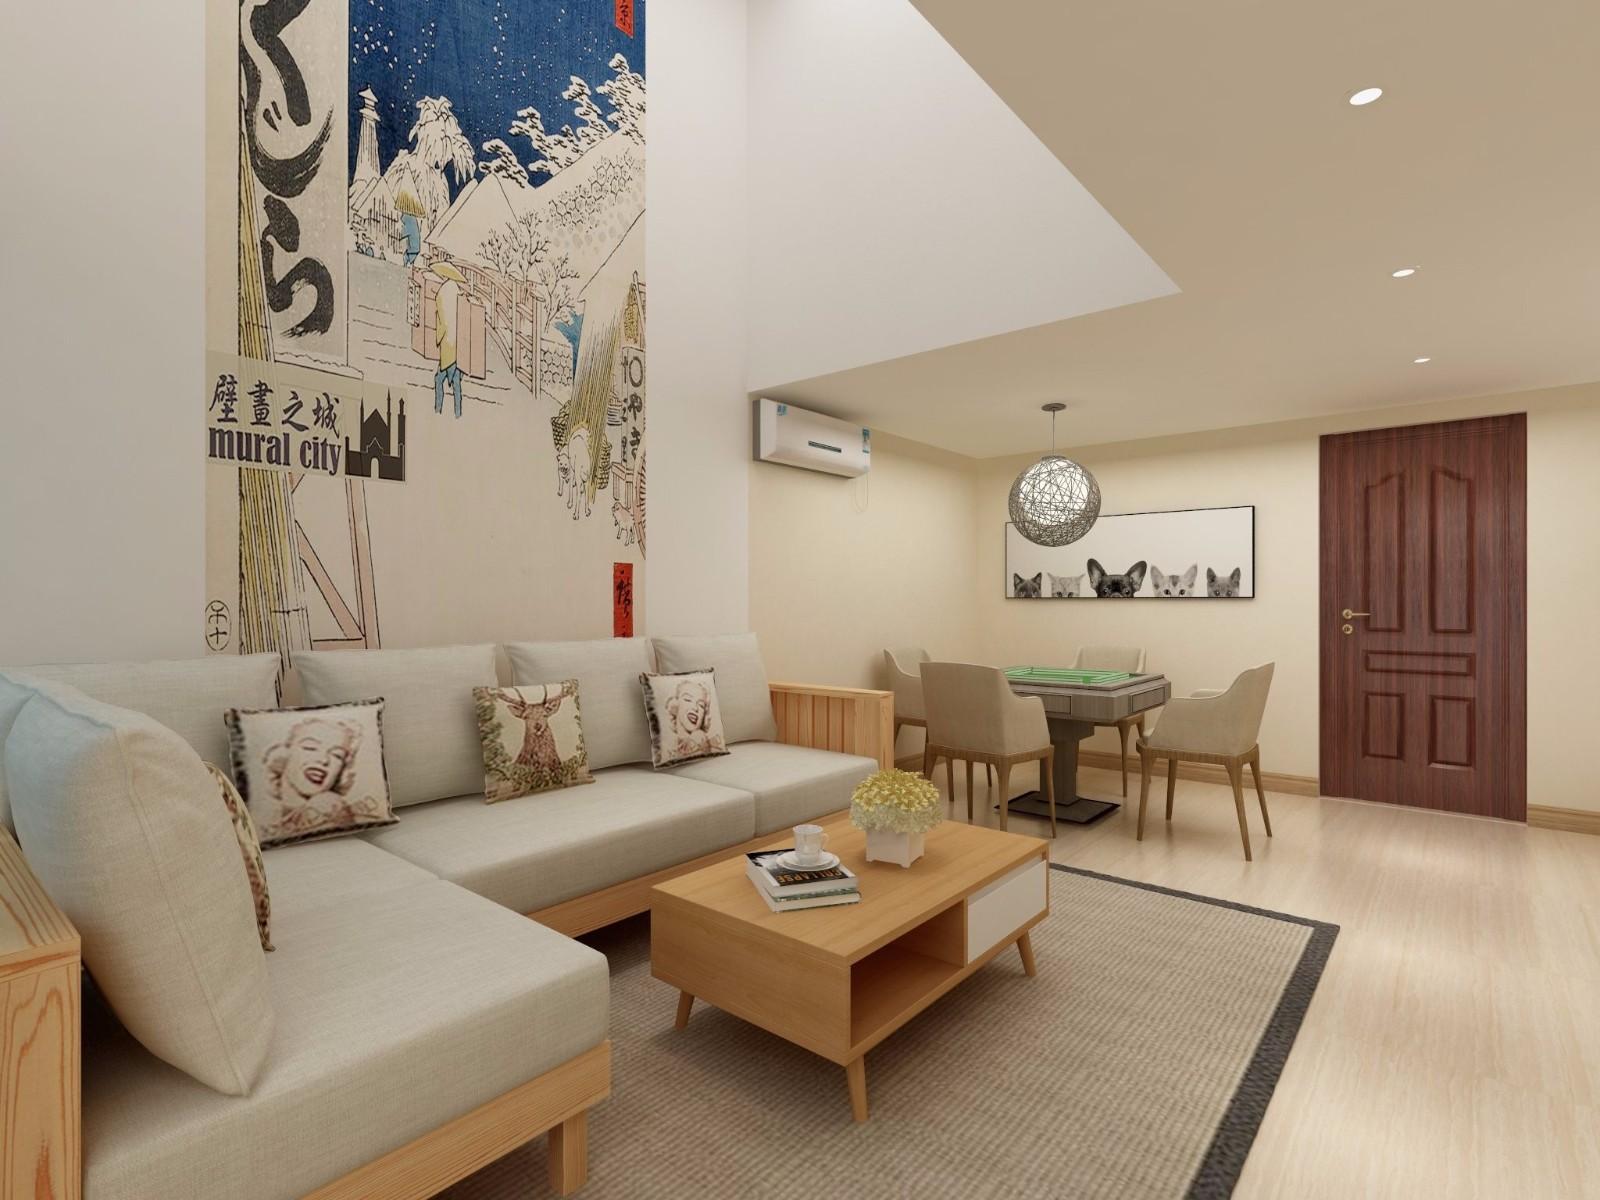 2室2卫1厅95平米日式风格